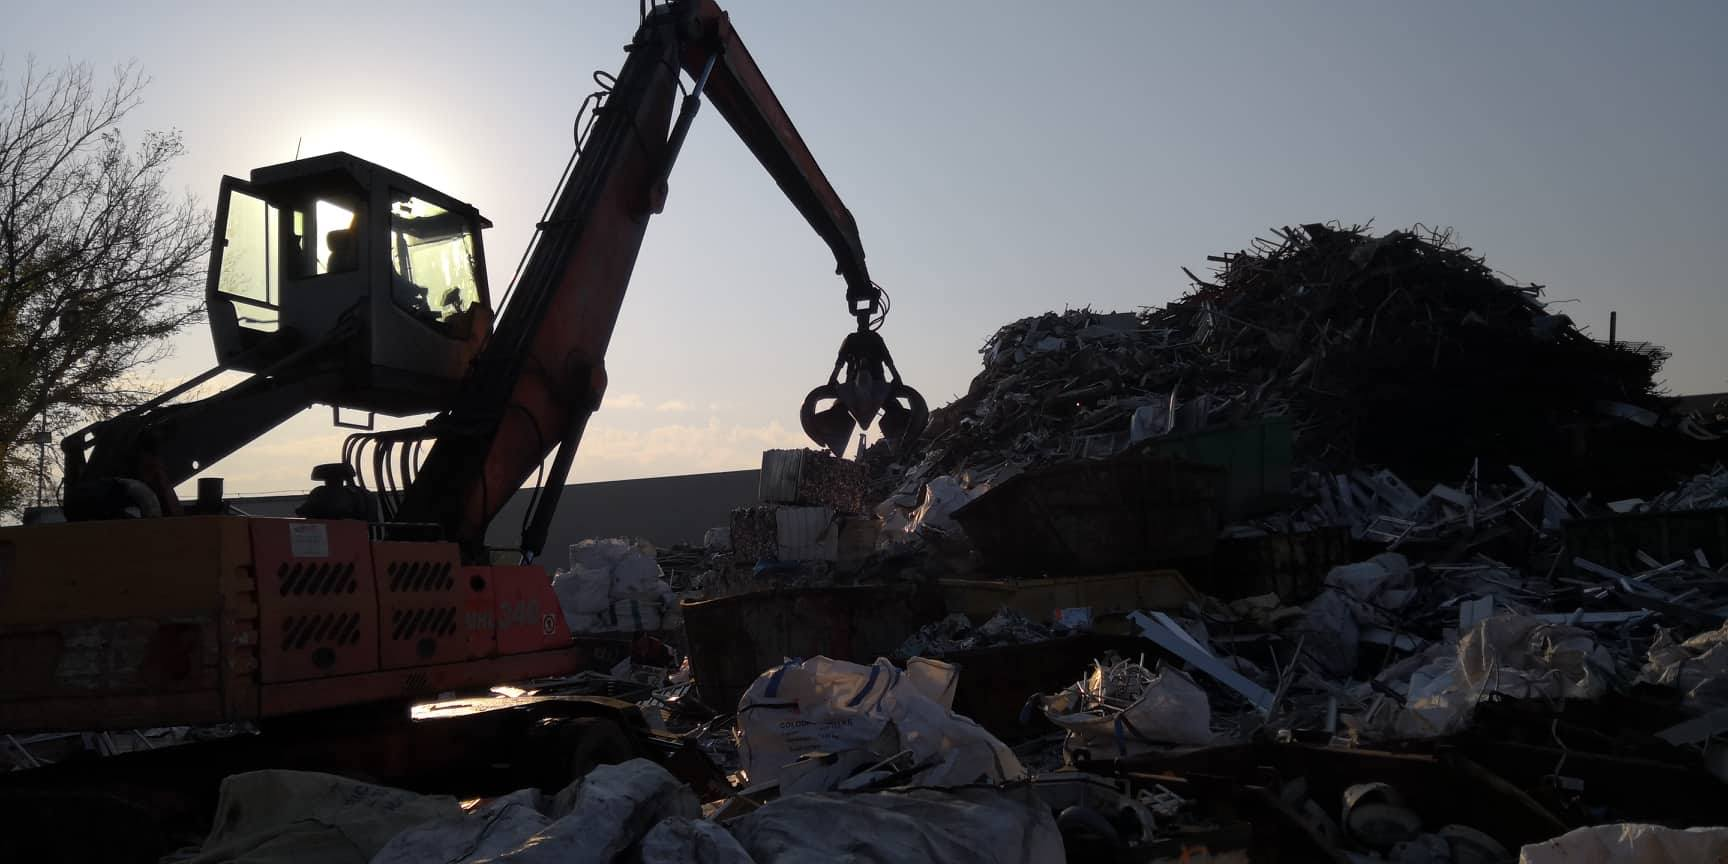 Zajistíme Vám pravidelný servis vývozu, odvozu nebo svozu odpadů z firem